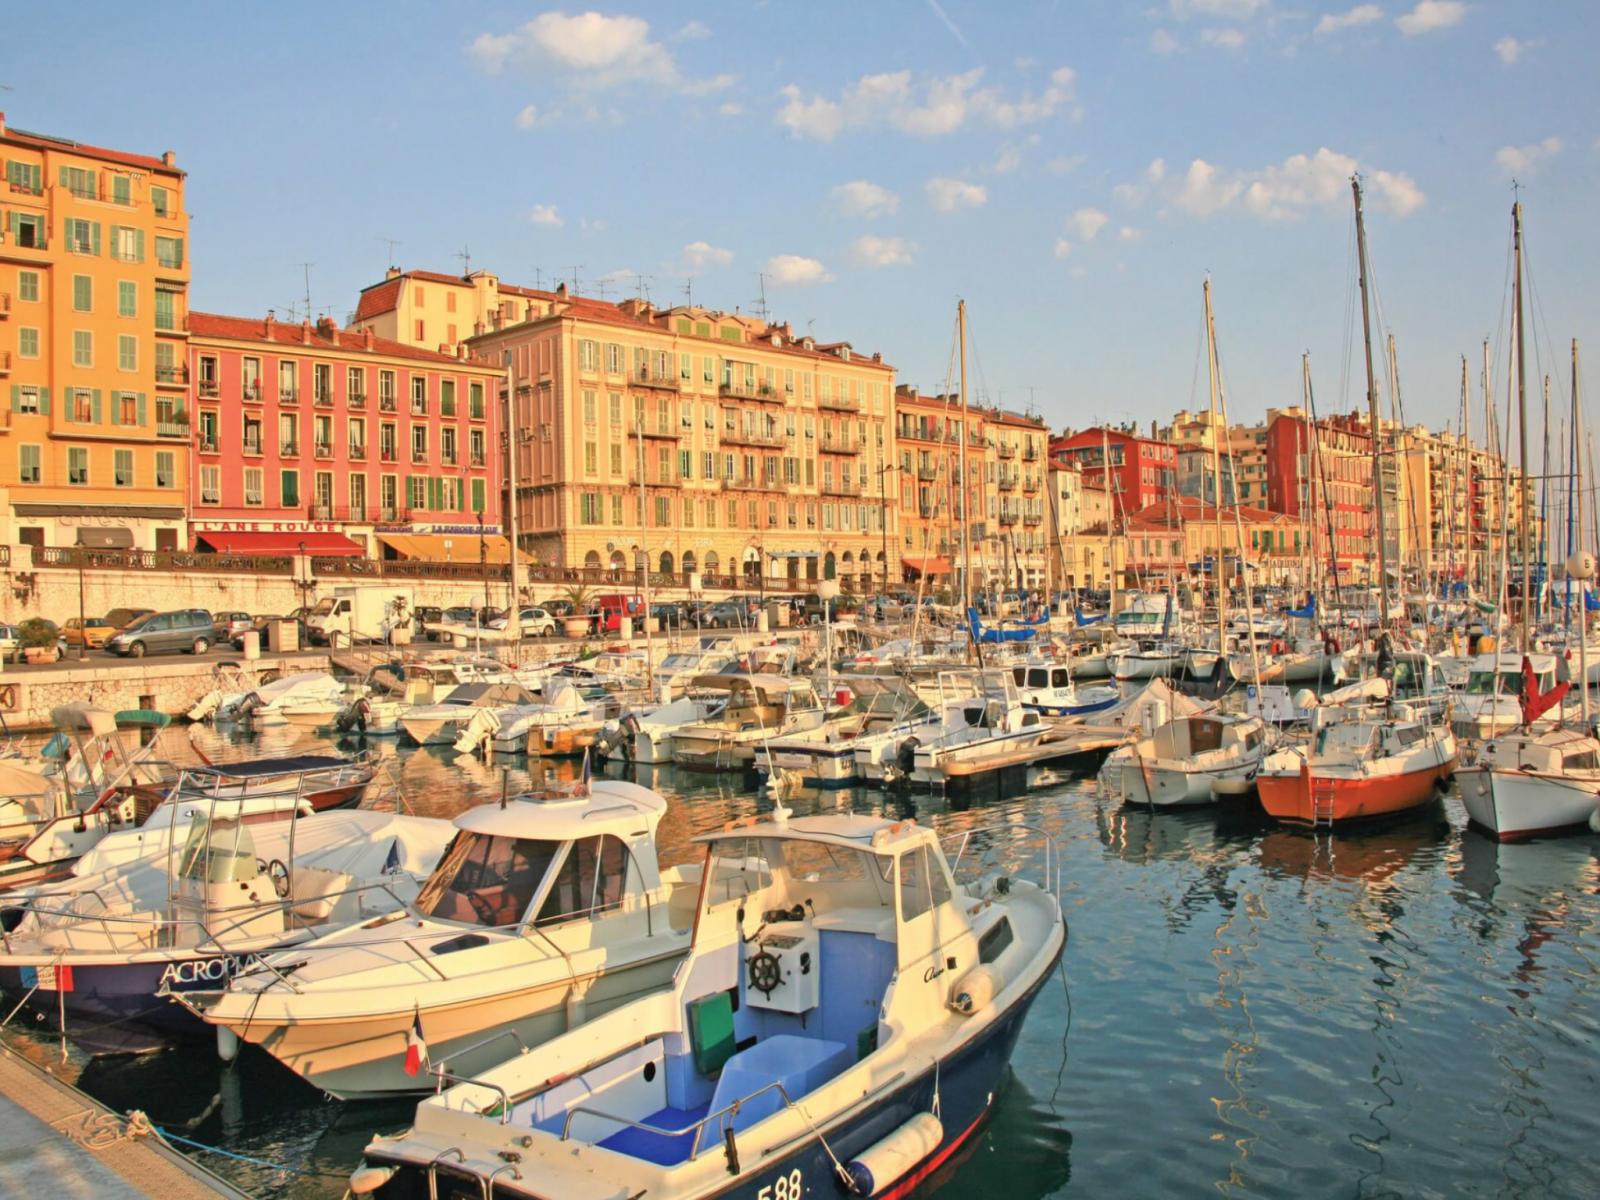 Экскурсия по Ницце или обзорный тур по лучшим местам Лазурного Берега Франции (бюджет или VIP)